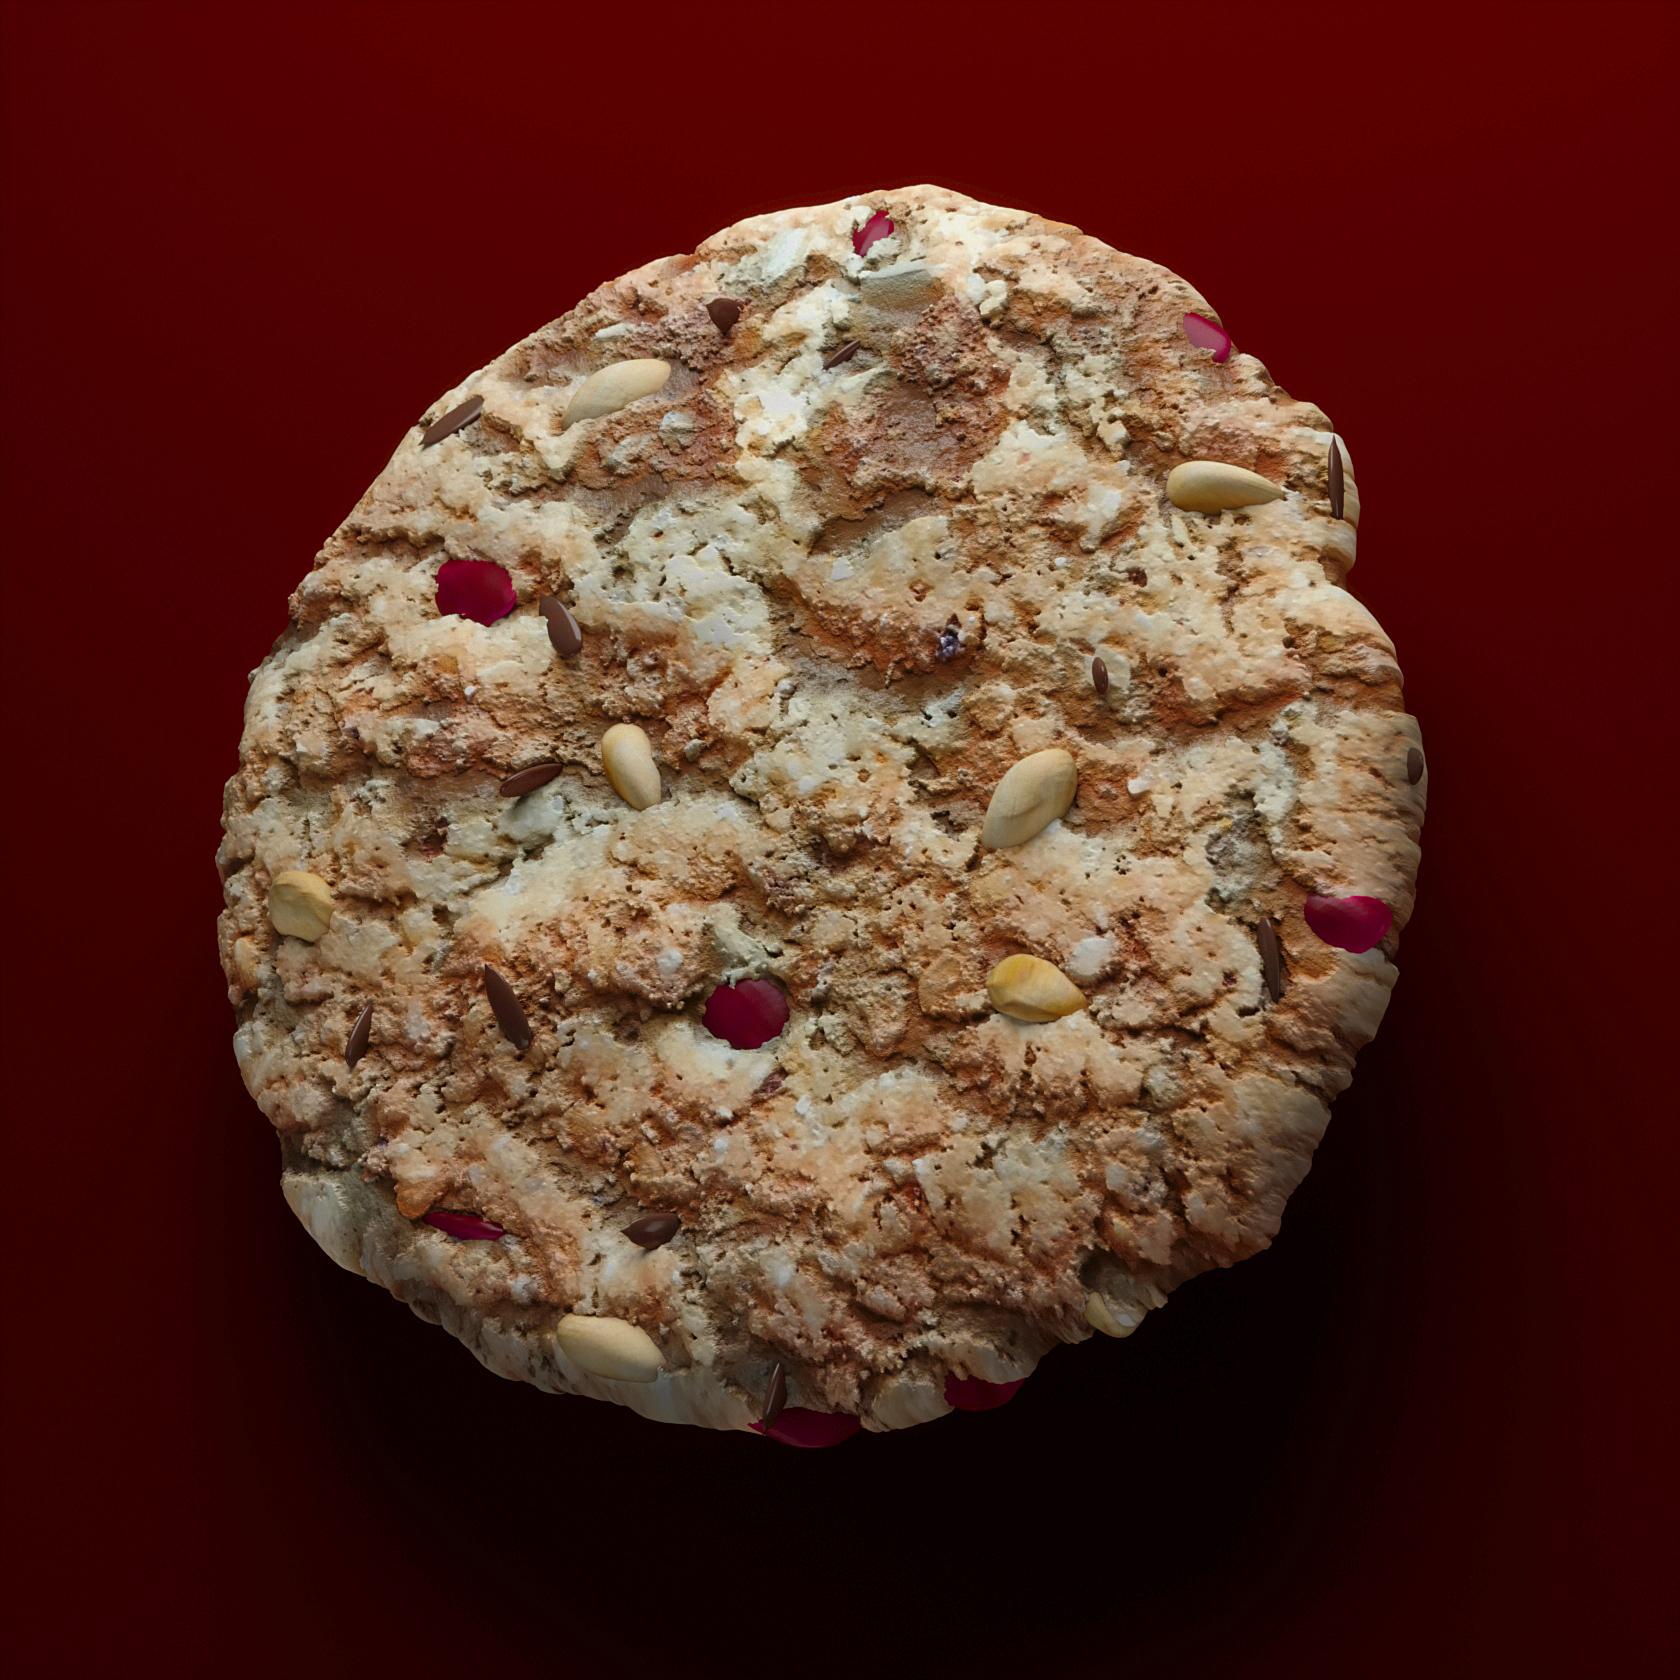 cookie-3d-render-02-berkgedik